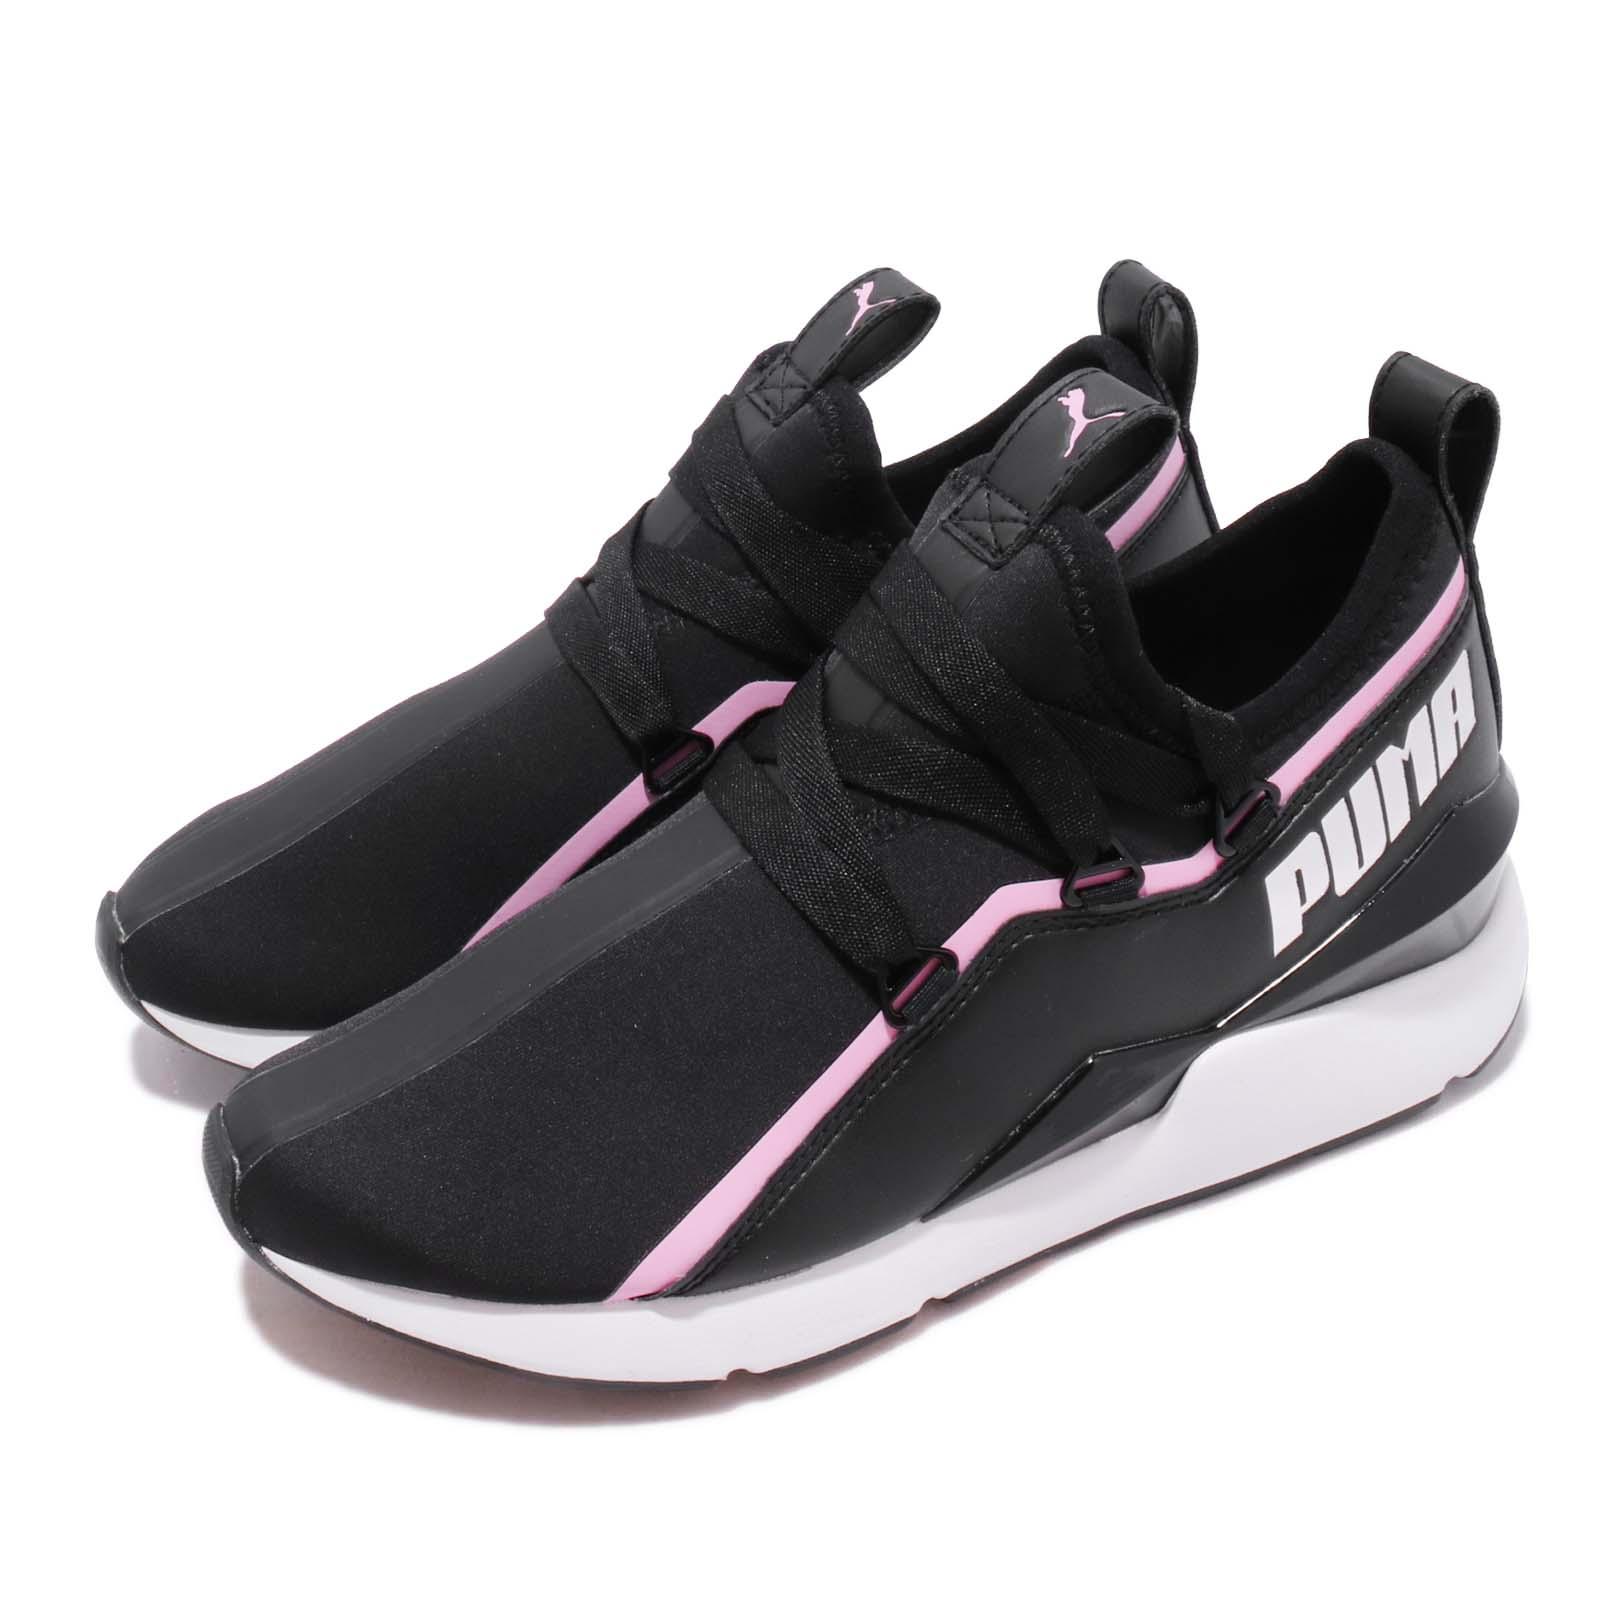 Puma 慢跑鞋 Muse 2 TZ 運動 女鞋 36921101